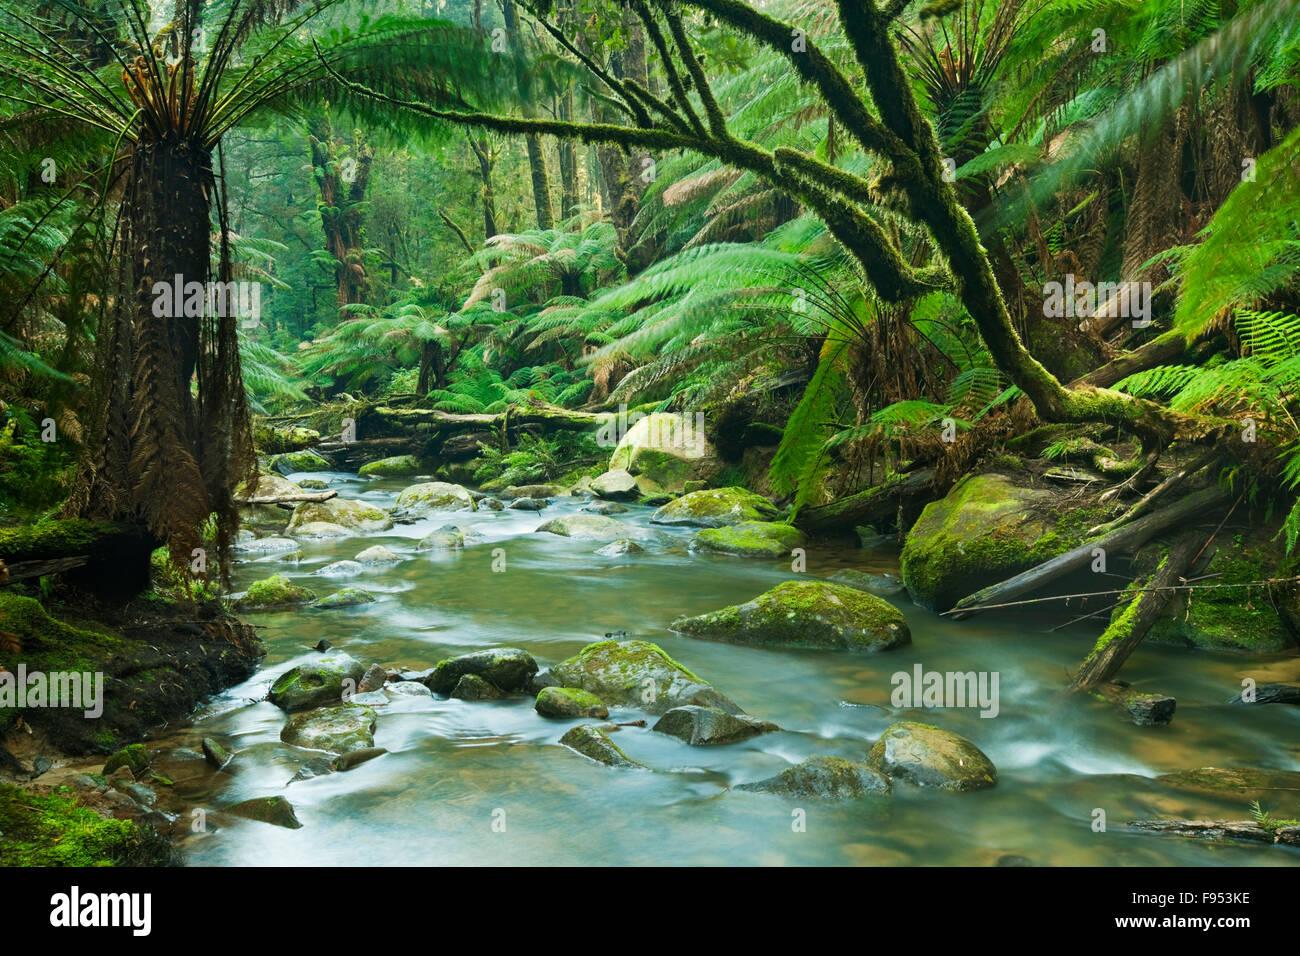 Beautiful Rainforest Pics